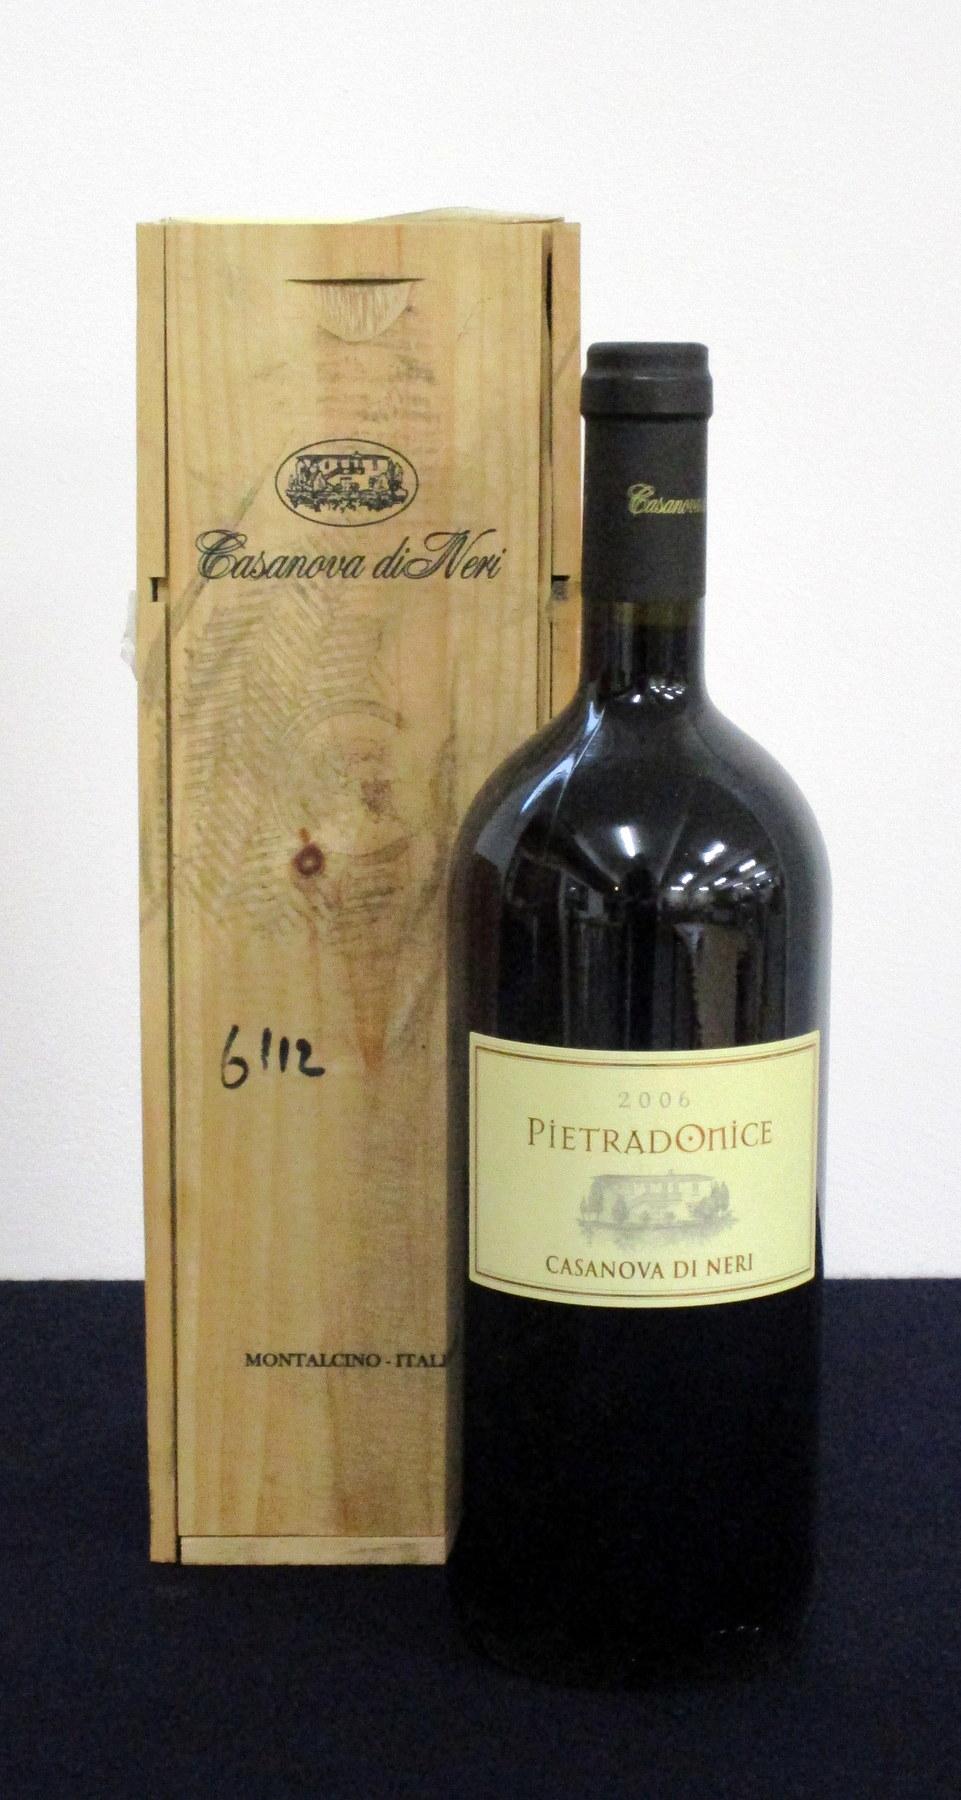 1 magnum Casanova di Neri Pietradonice 2006 Rosso di Toscana i.n